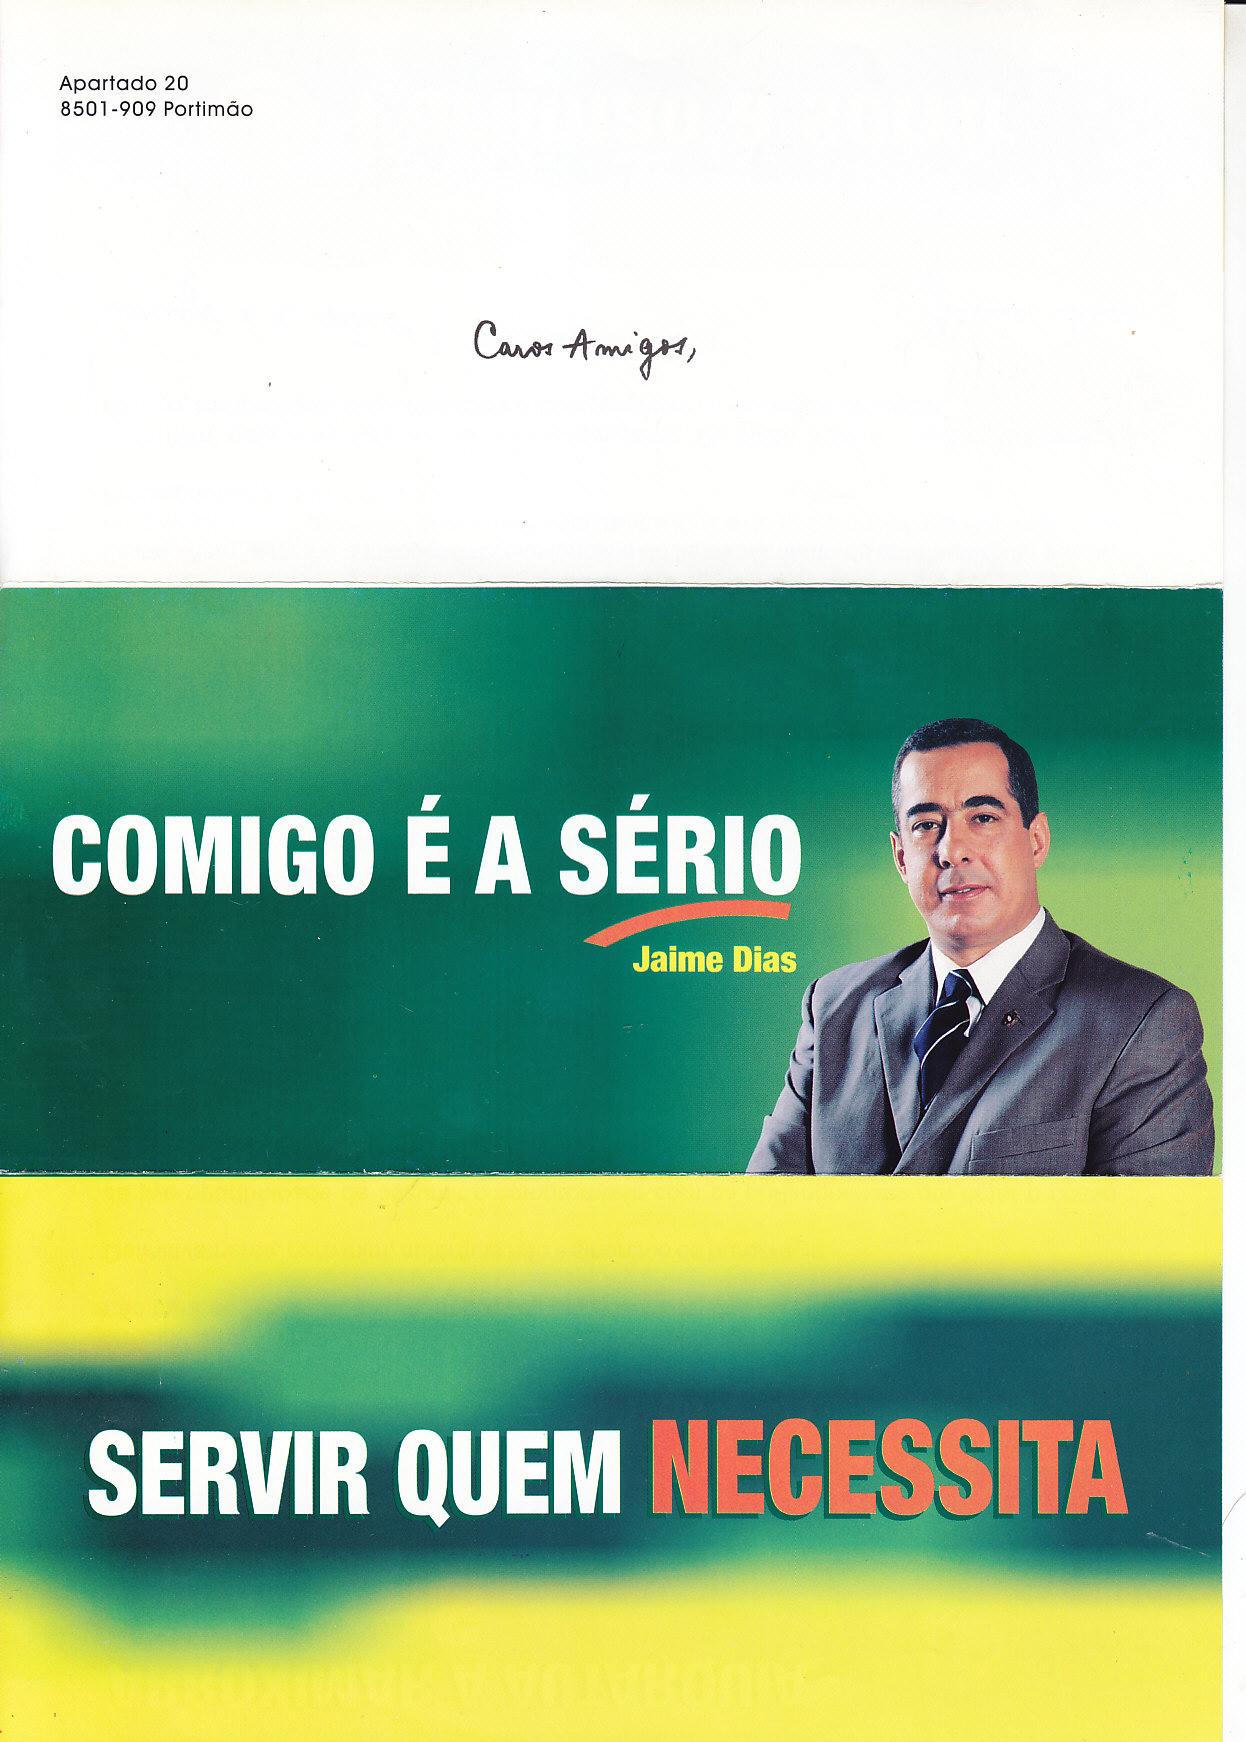 Jaime_Dias_Portimao_2001_0014